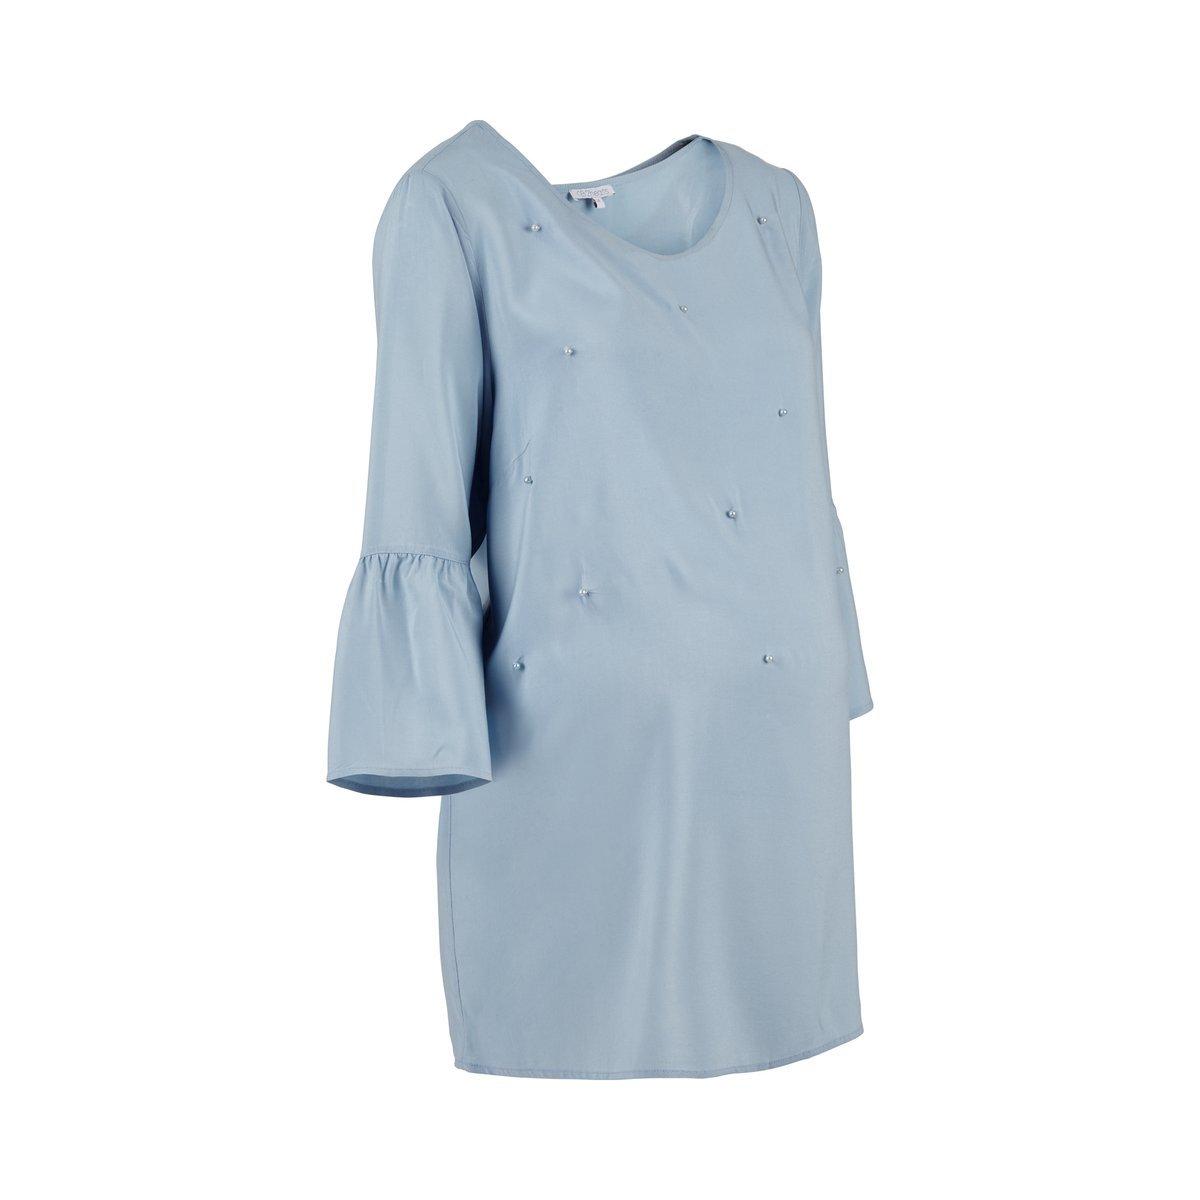 2HEARTS Mermaid in Love Umstands-Bluse blau Langarm mit Perlen//Damen Umstandsmode//Schwangerschaftsmode//Oberteil f/ür werdende Mamas